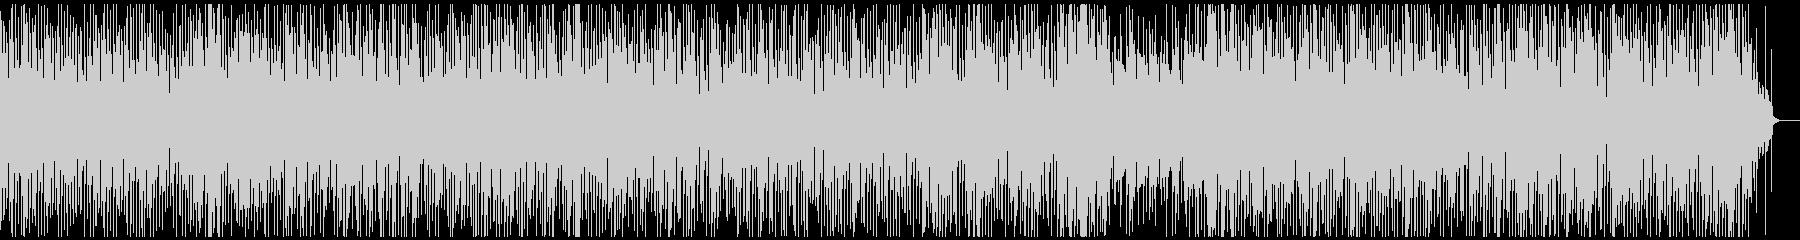 ほのぼのとしたレゲエ調のギターインストの未再生の波形